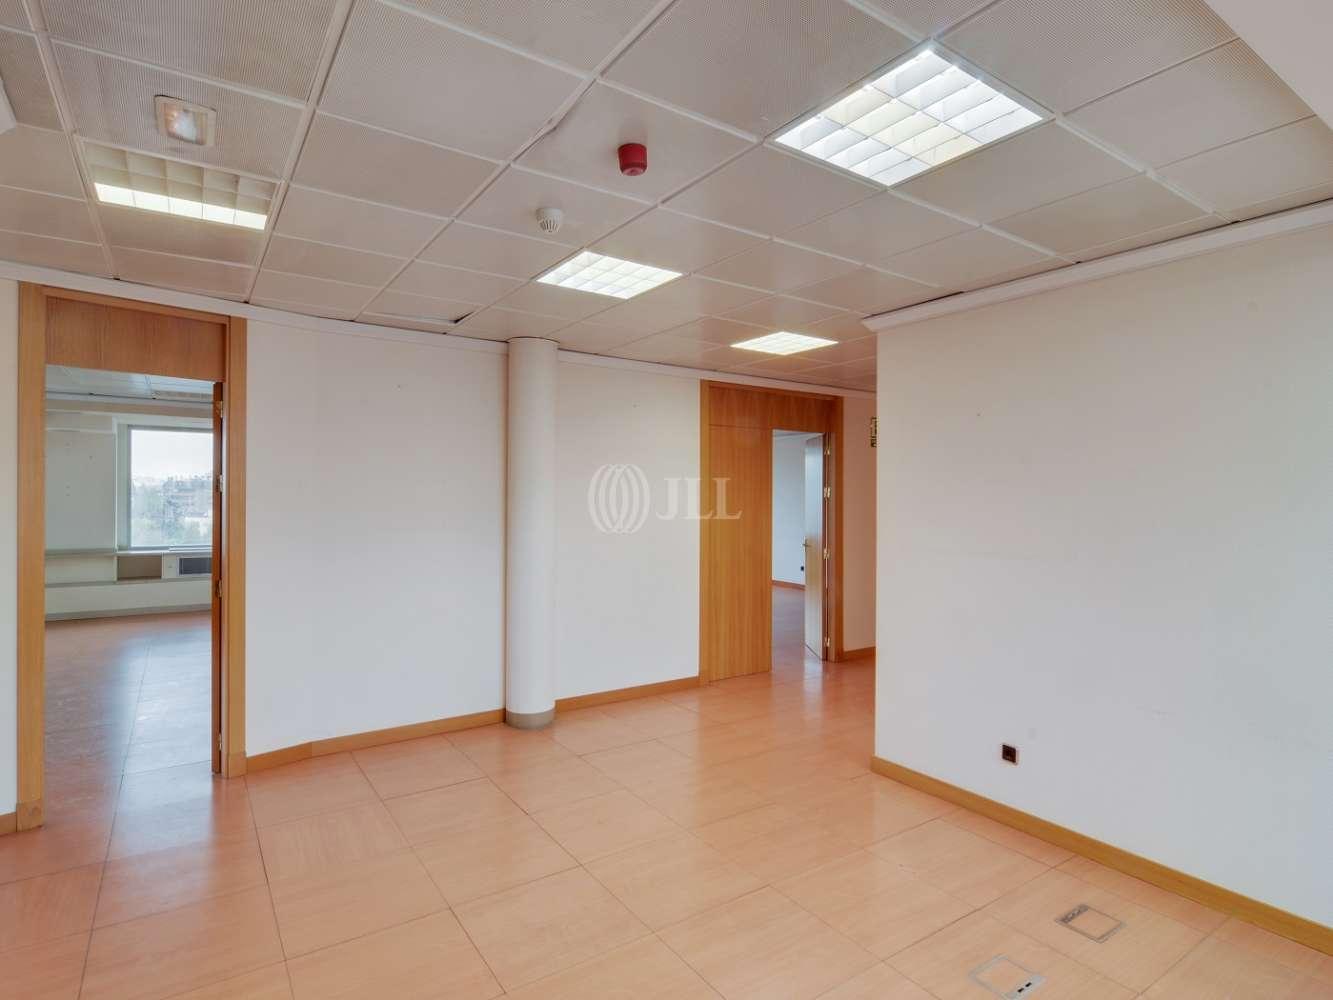 Oficina Madrid, 28033 - BAUSA 13-15 - 15693